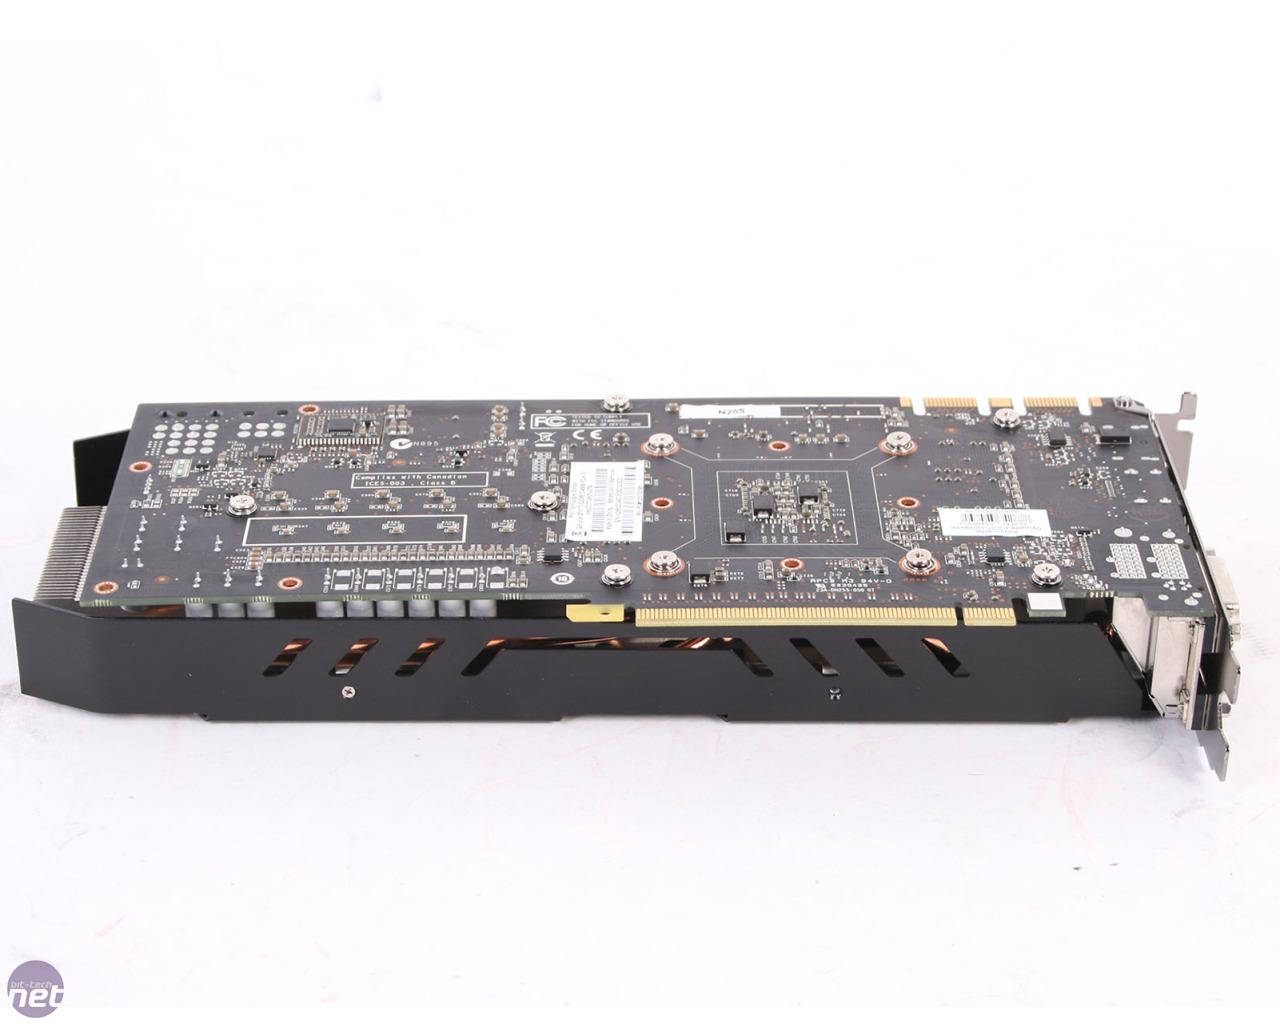 PNY GeForce GTX 770 XLR8 OC 2GB Review | bit-tech net